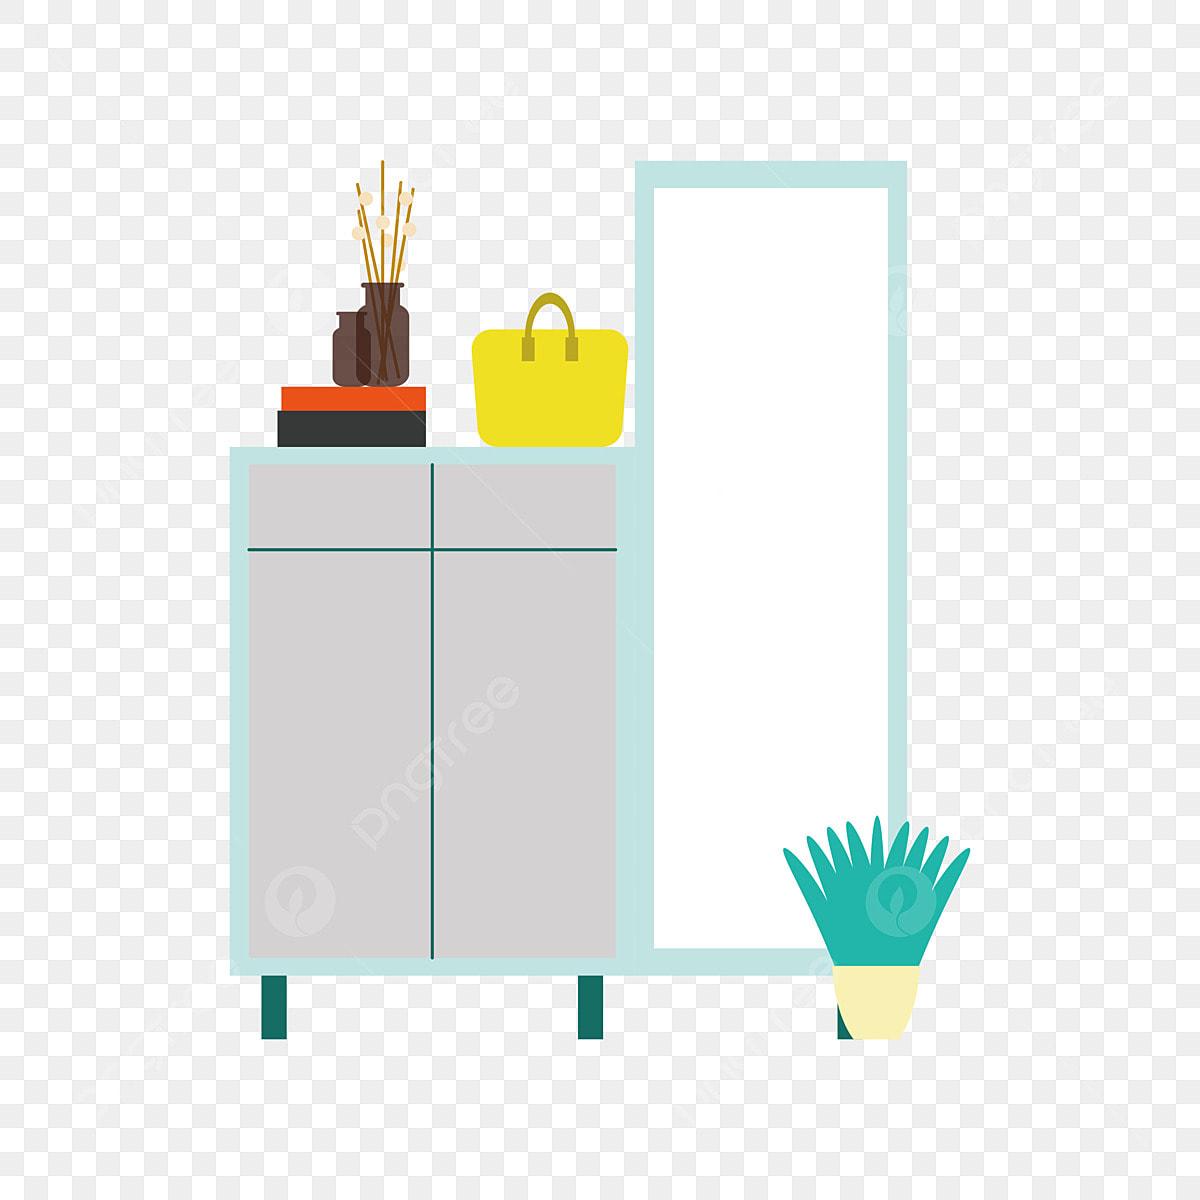 Plan De Meuble A Chaussures miroir meuble à chaussures meubles illustration, chaussure